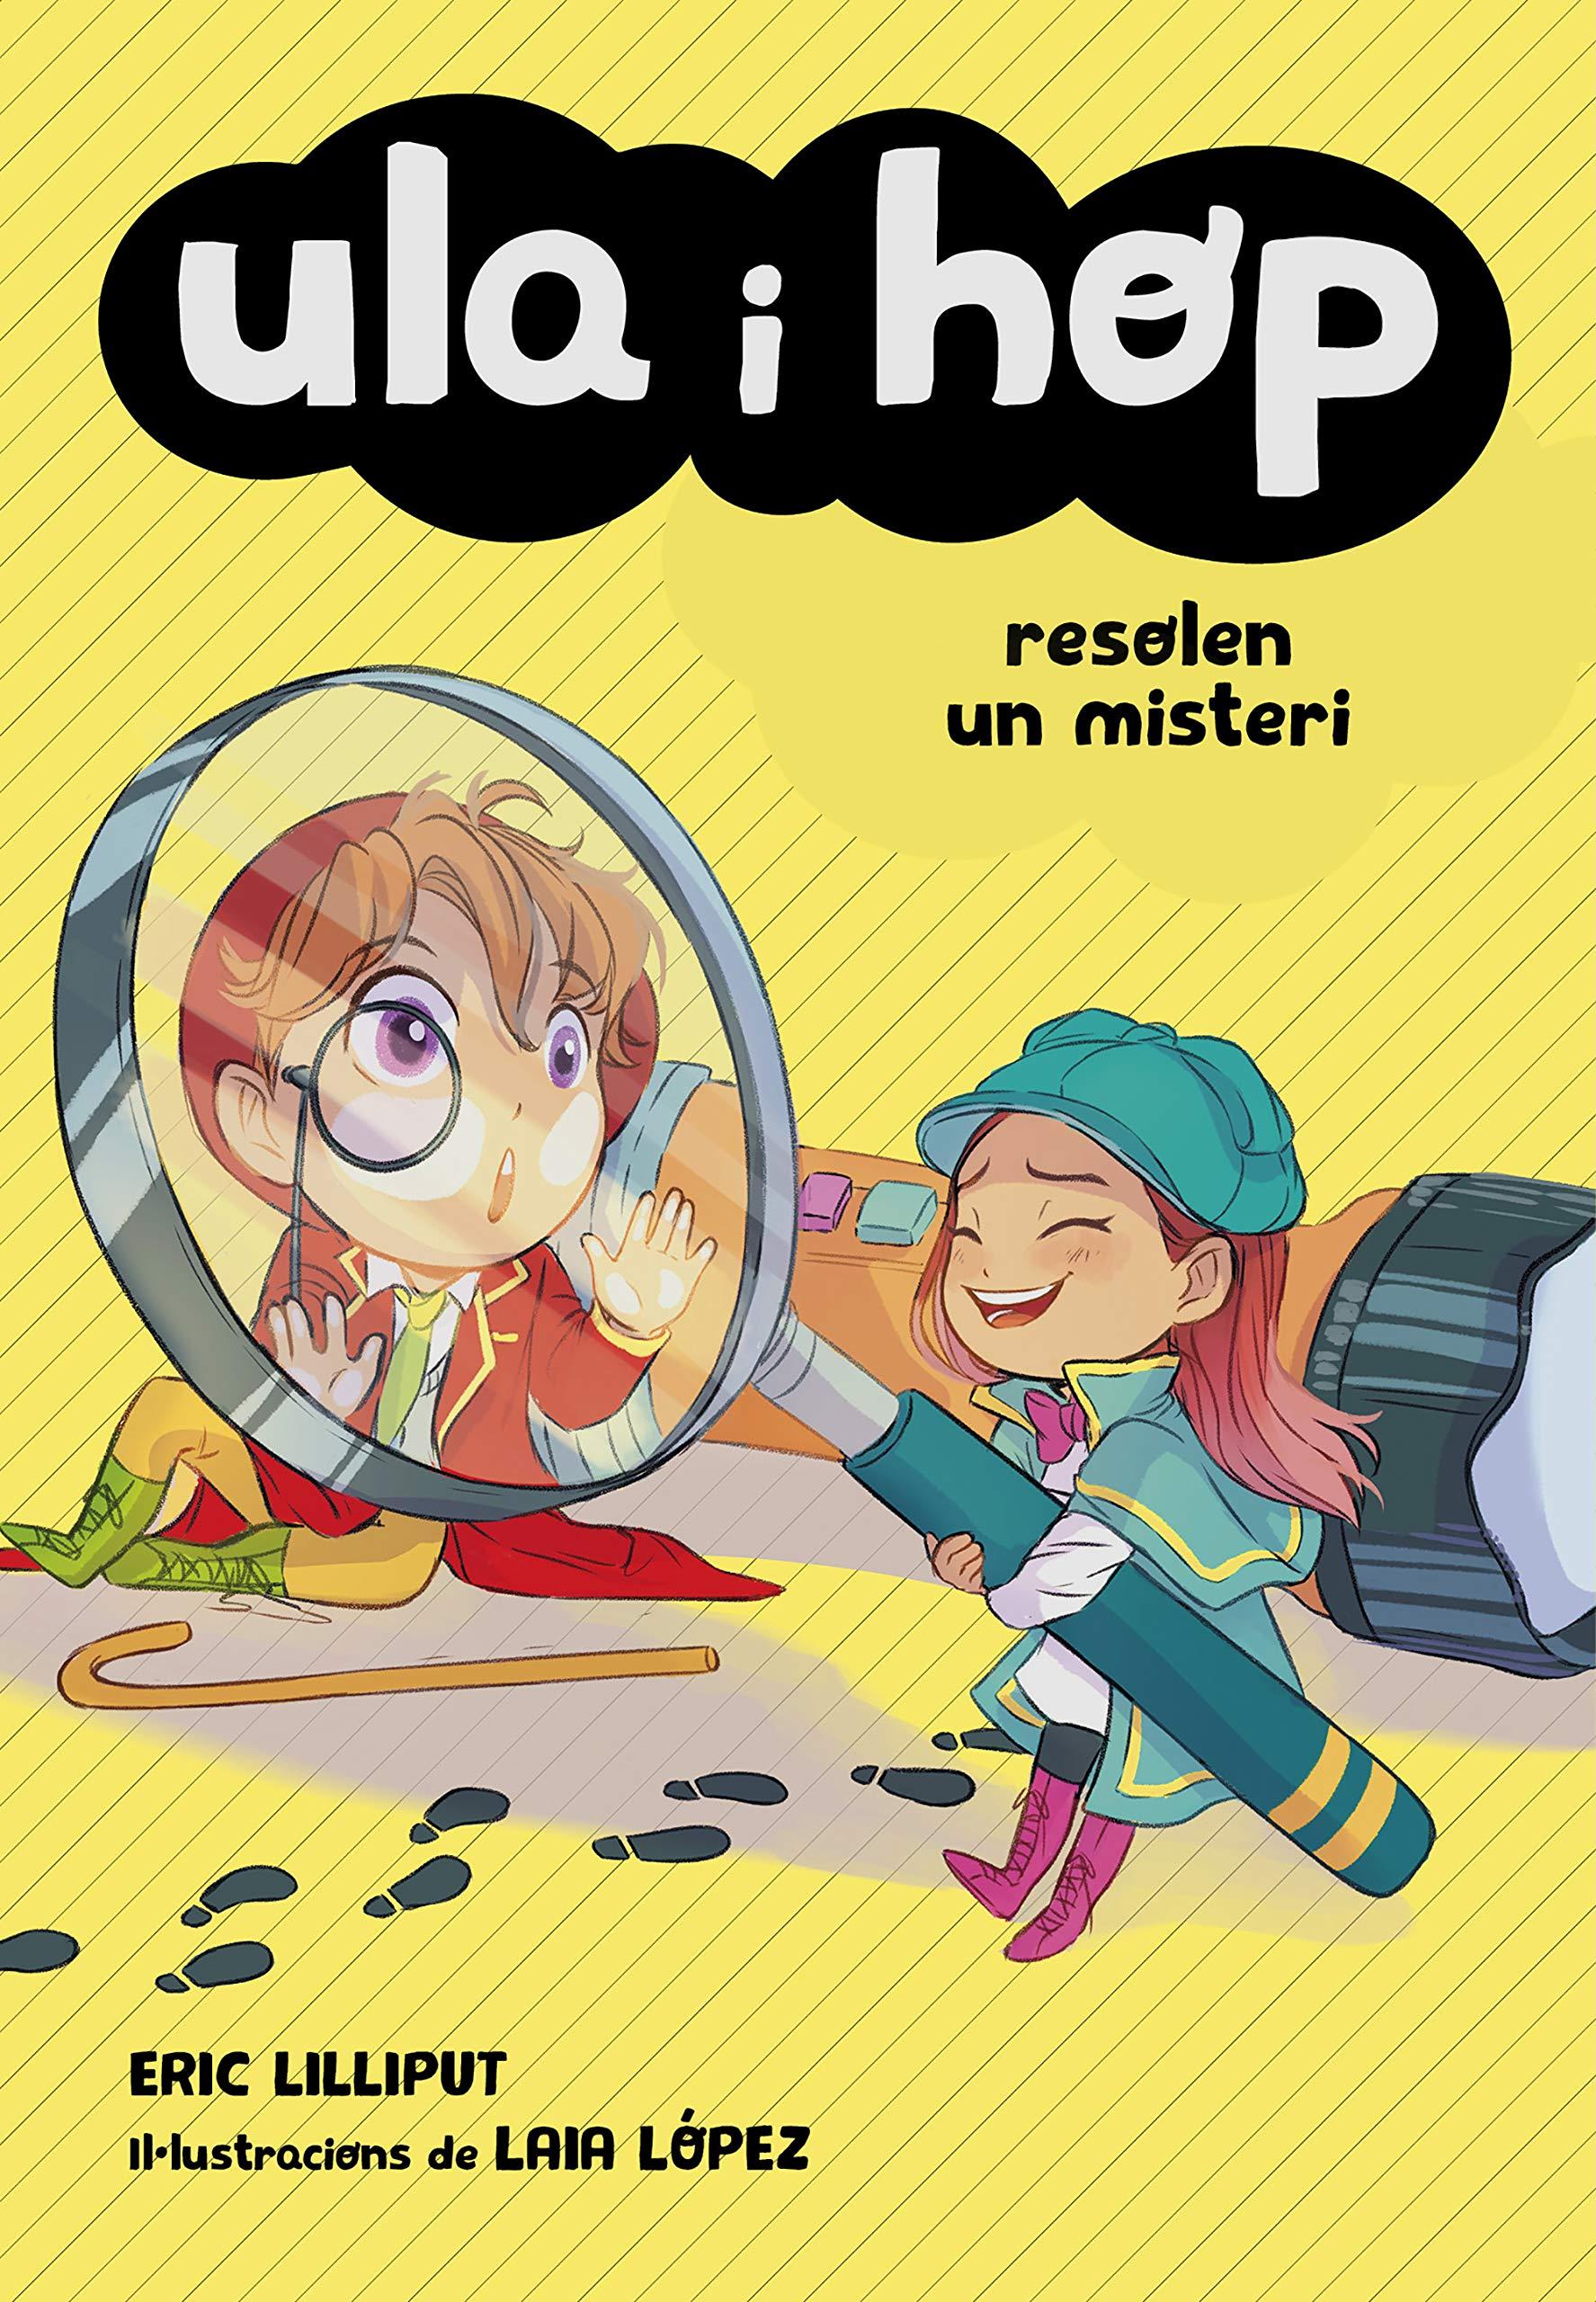 Ula i Hop resolen un misteri (Ula i Hop)